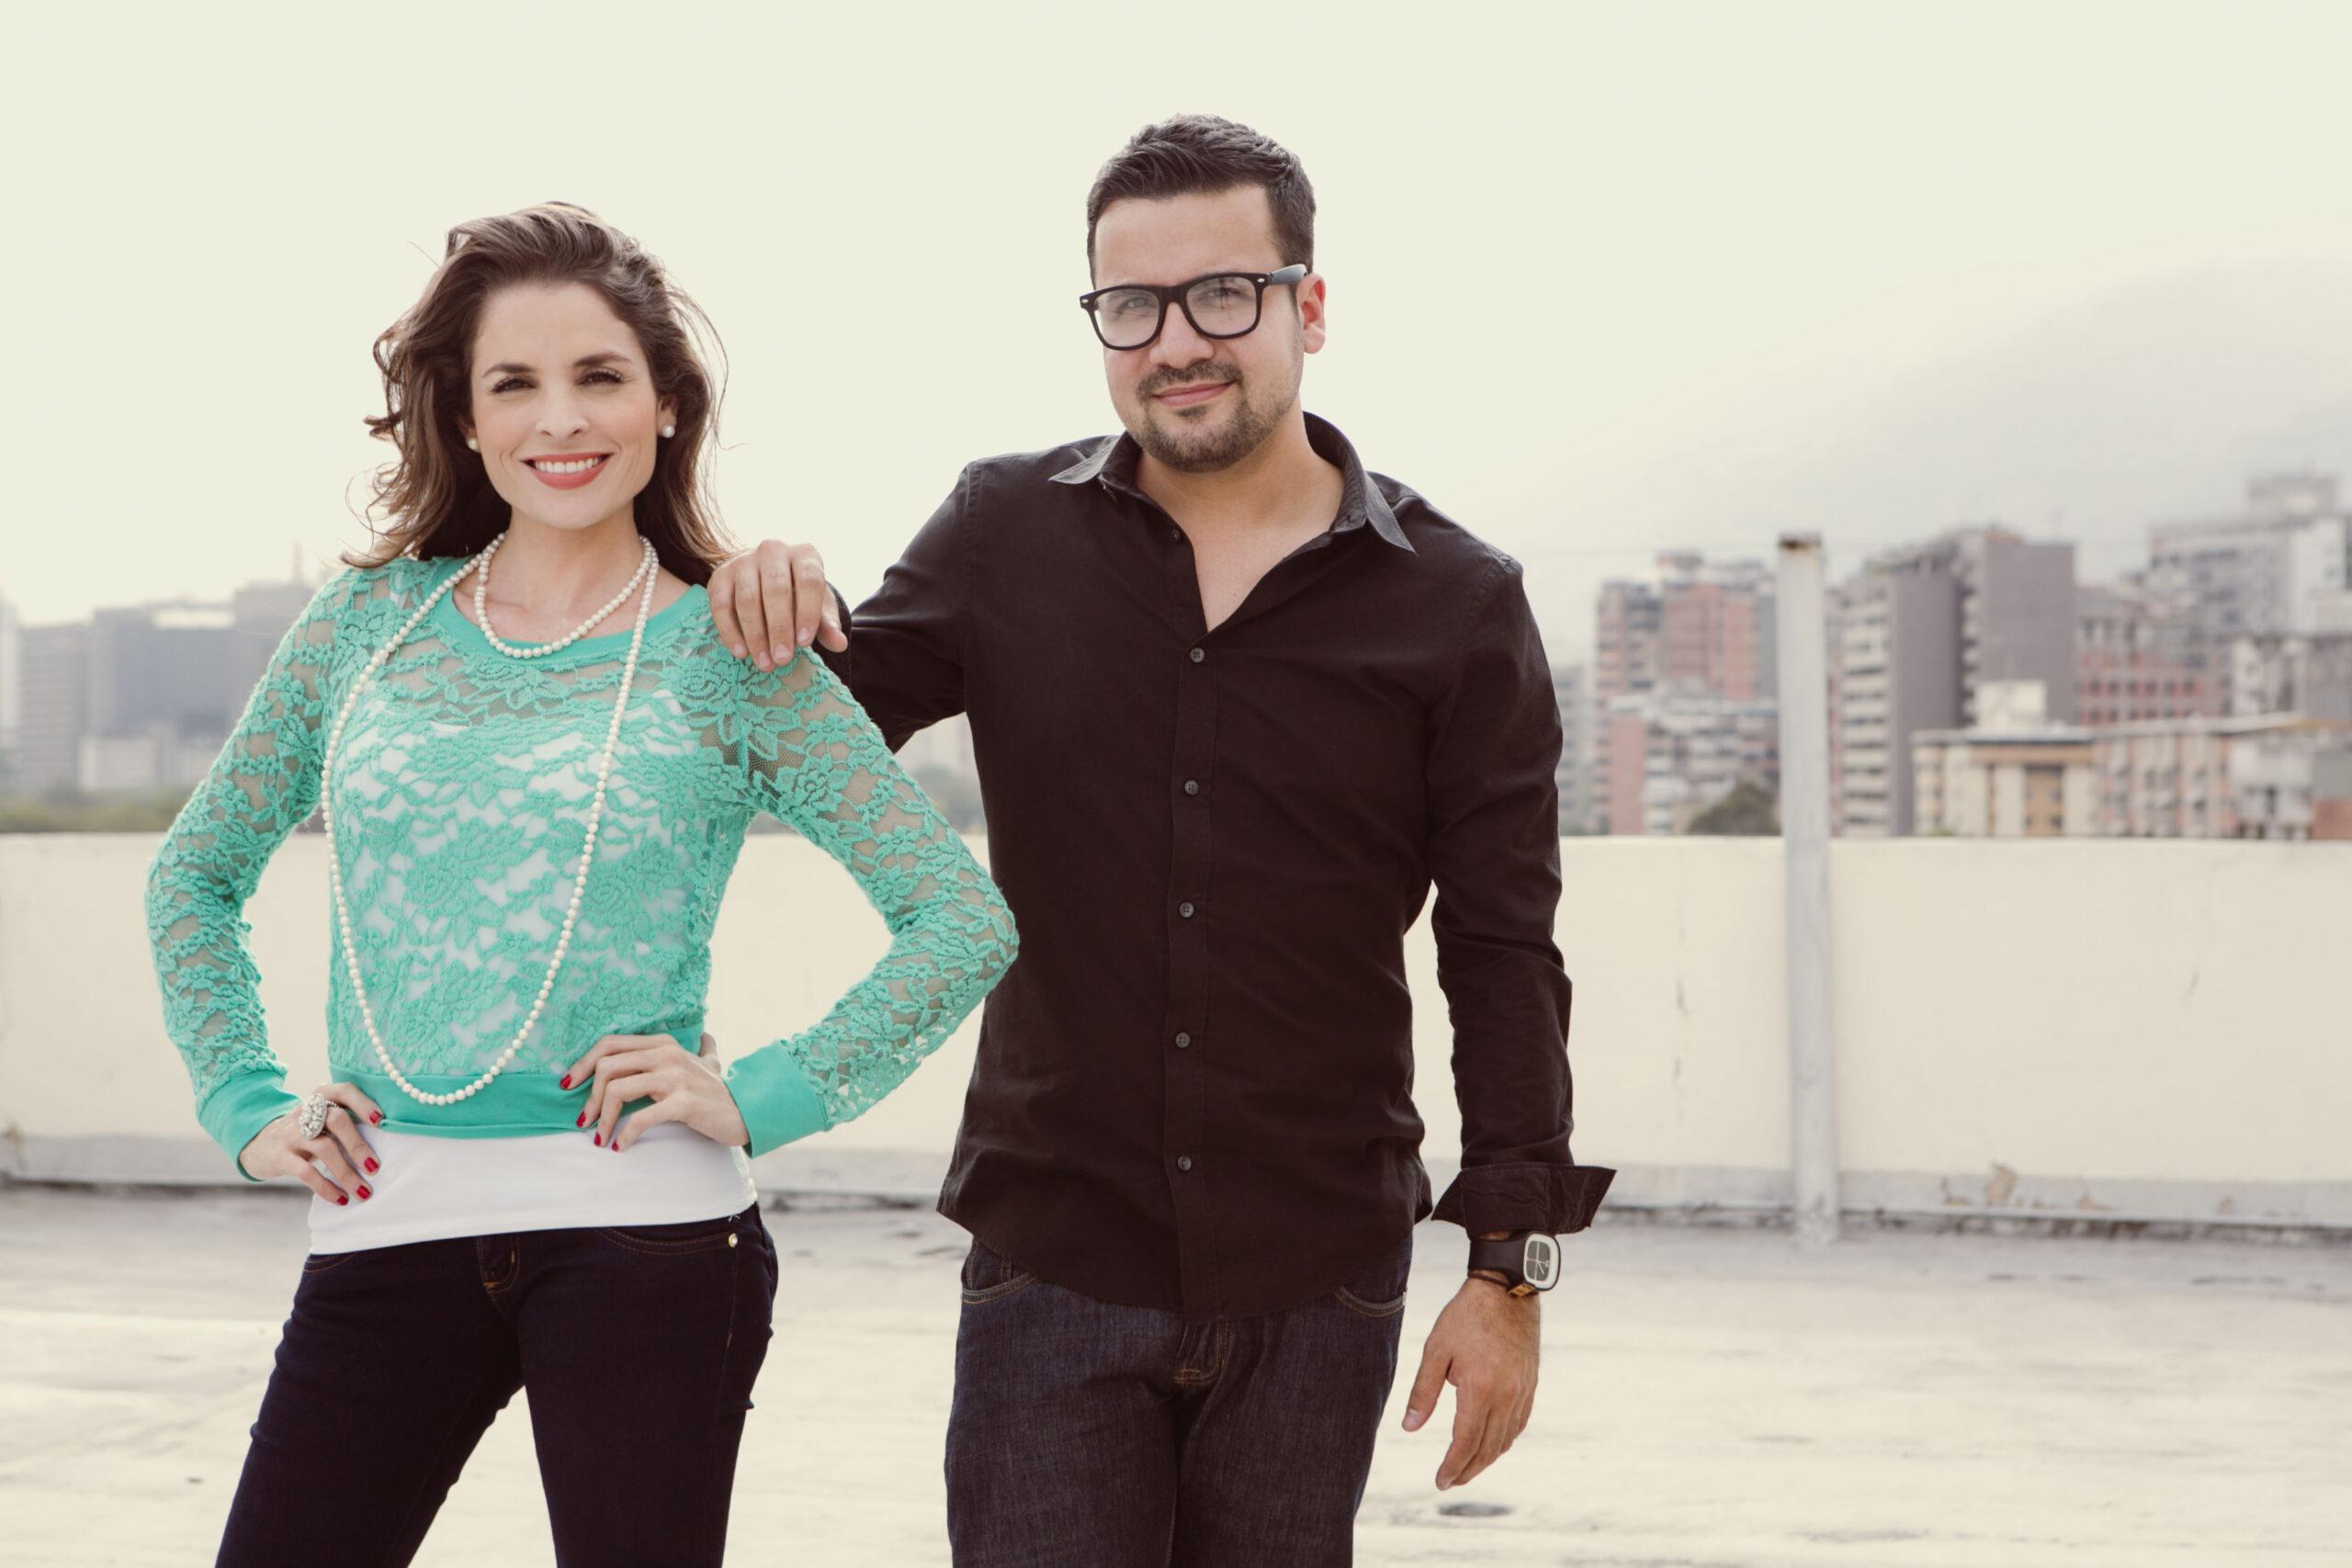 El sábado 23 de Mayo Daniela Bascopé y Álvaro Pérez Kattar presentan su nueva conferencia Conoce a tu maestro: la crisis